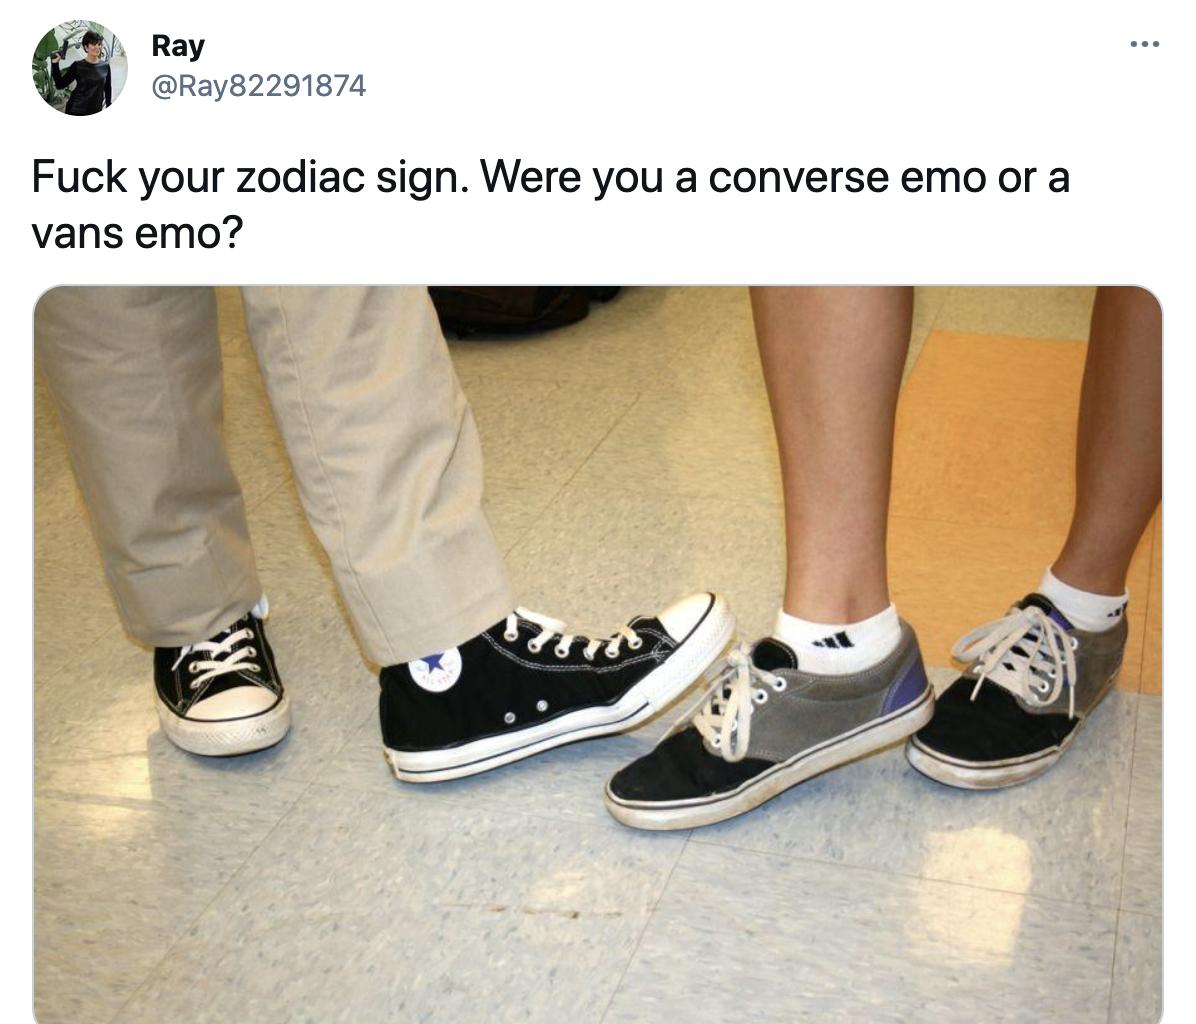 Converse vs. vans | Emo | Know Your Meme